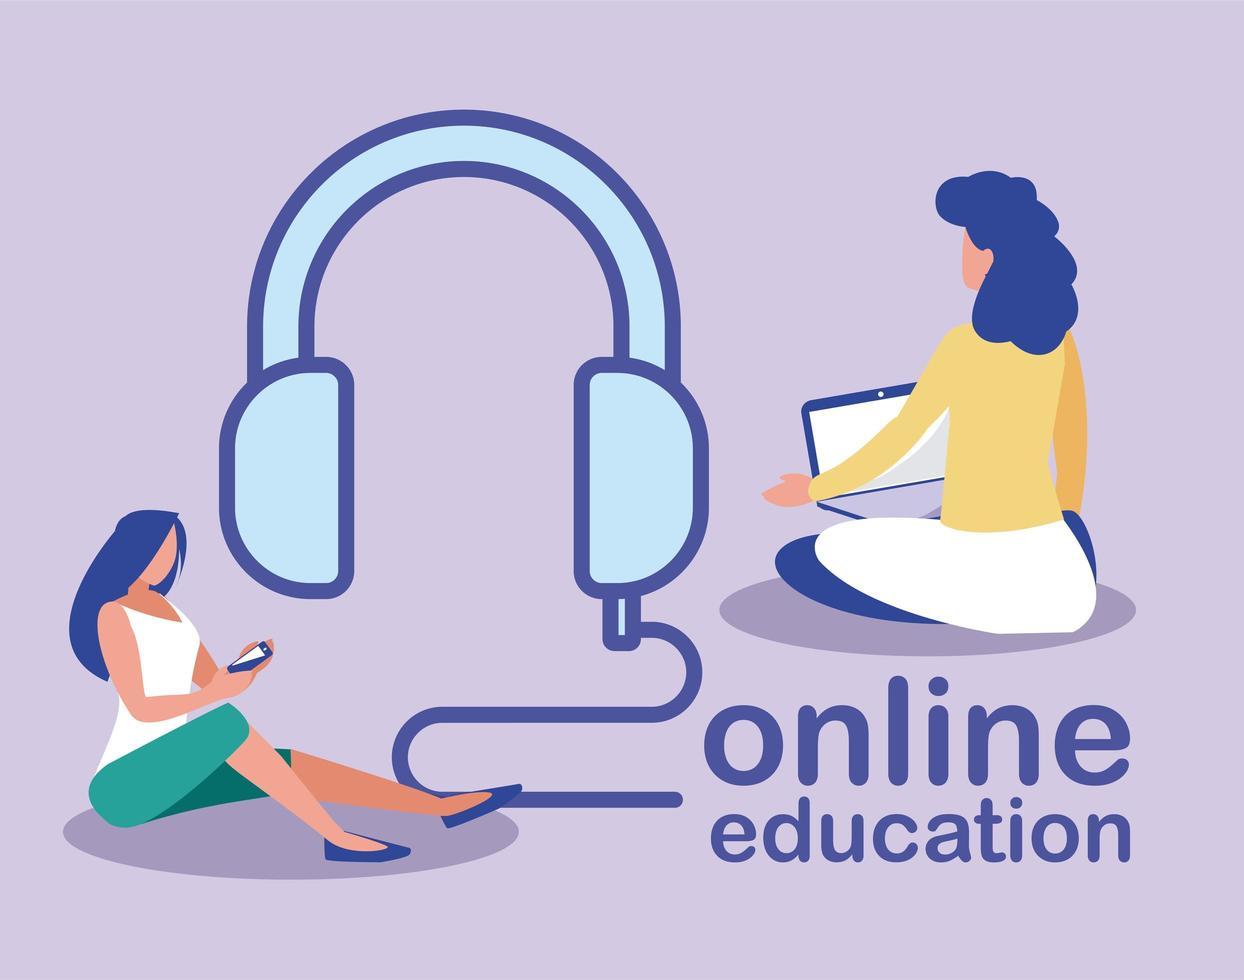 vrouwen met koptelefoons en gadgets, online onderwijs vector